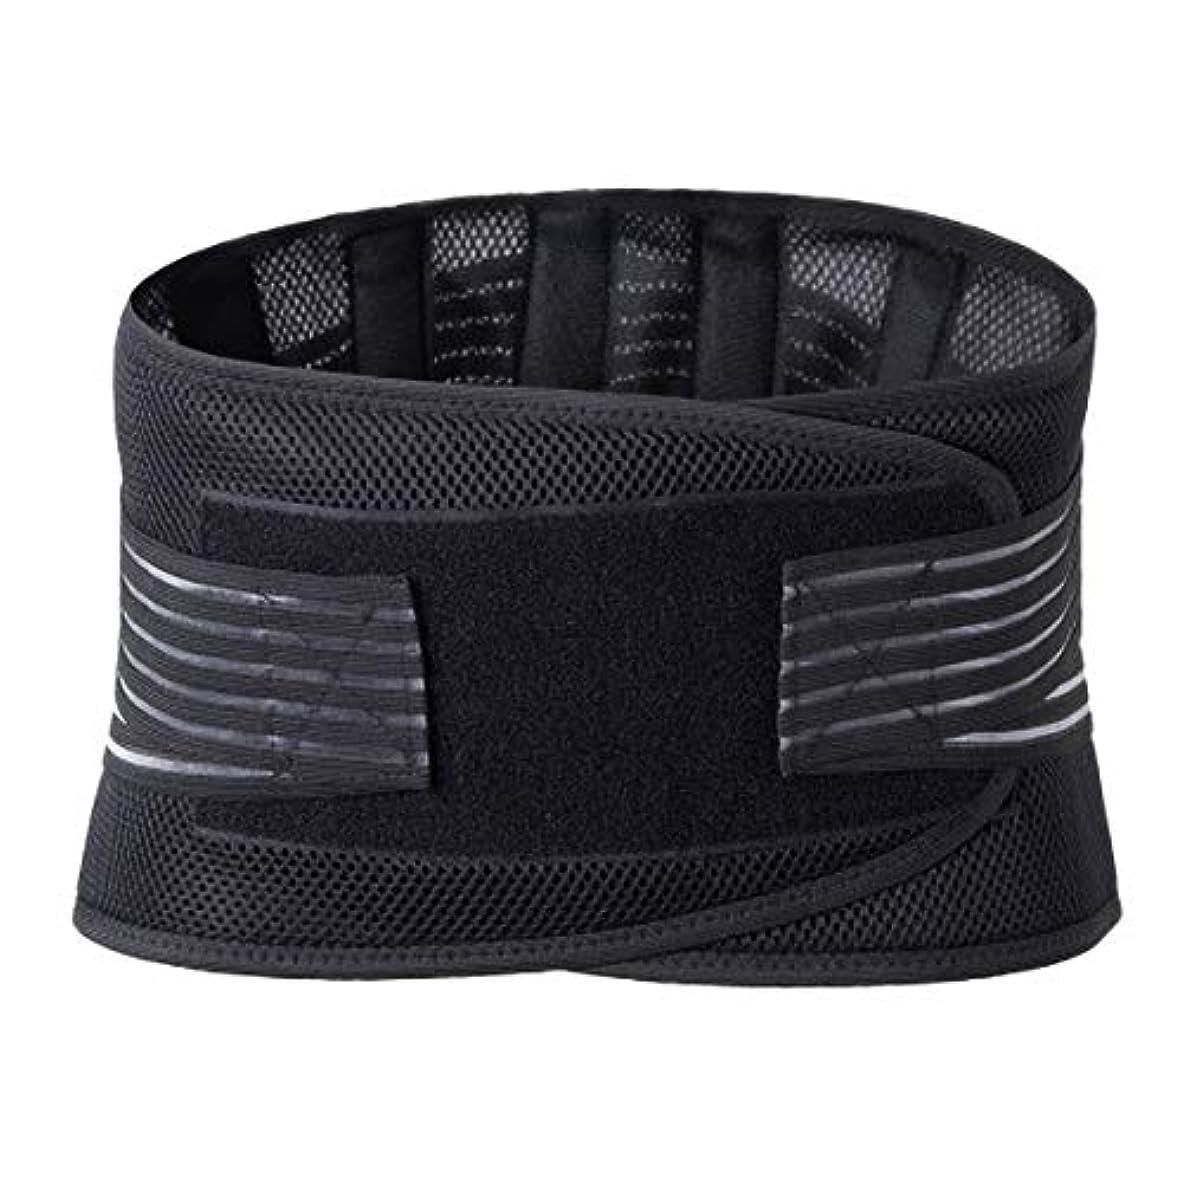 懐疑論ビヨンどんなときもランバーウエストサポートバックブレースベルトウエストサポートブレースフィットネススポーツ保護姿勢コレクター再構築 - ブラック